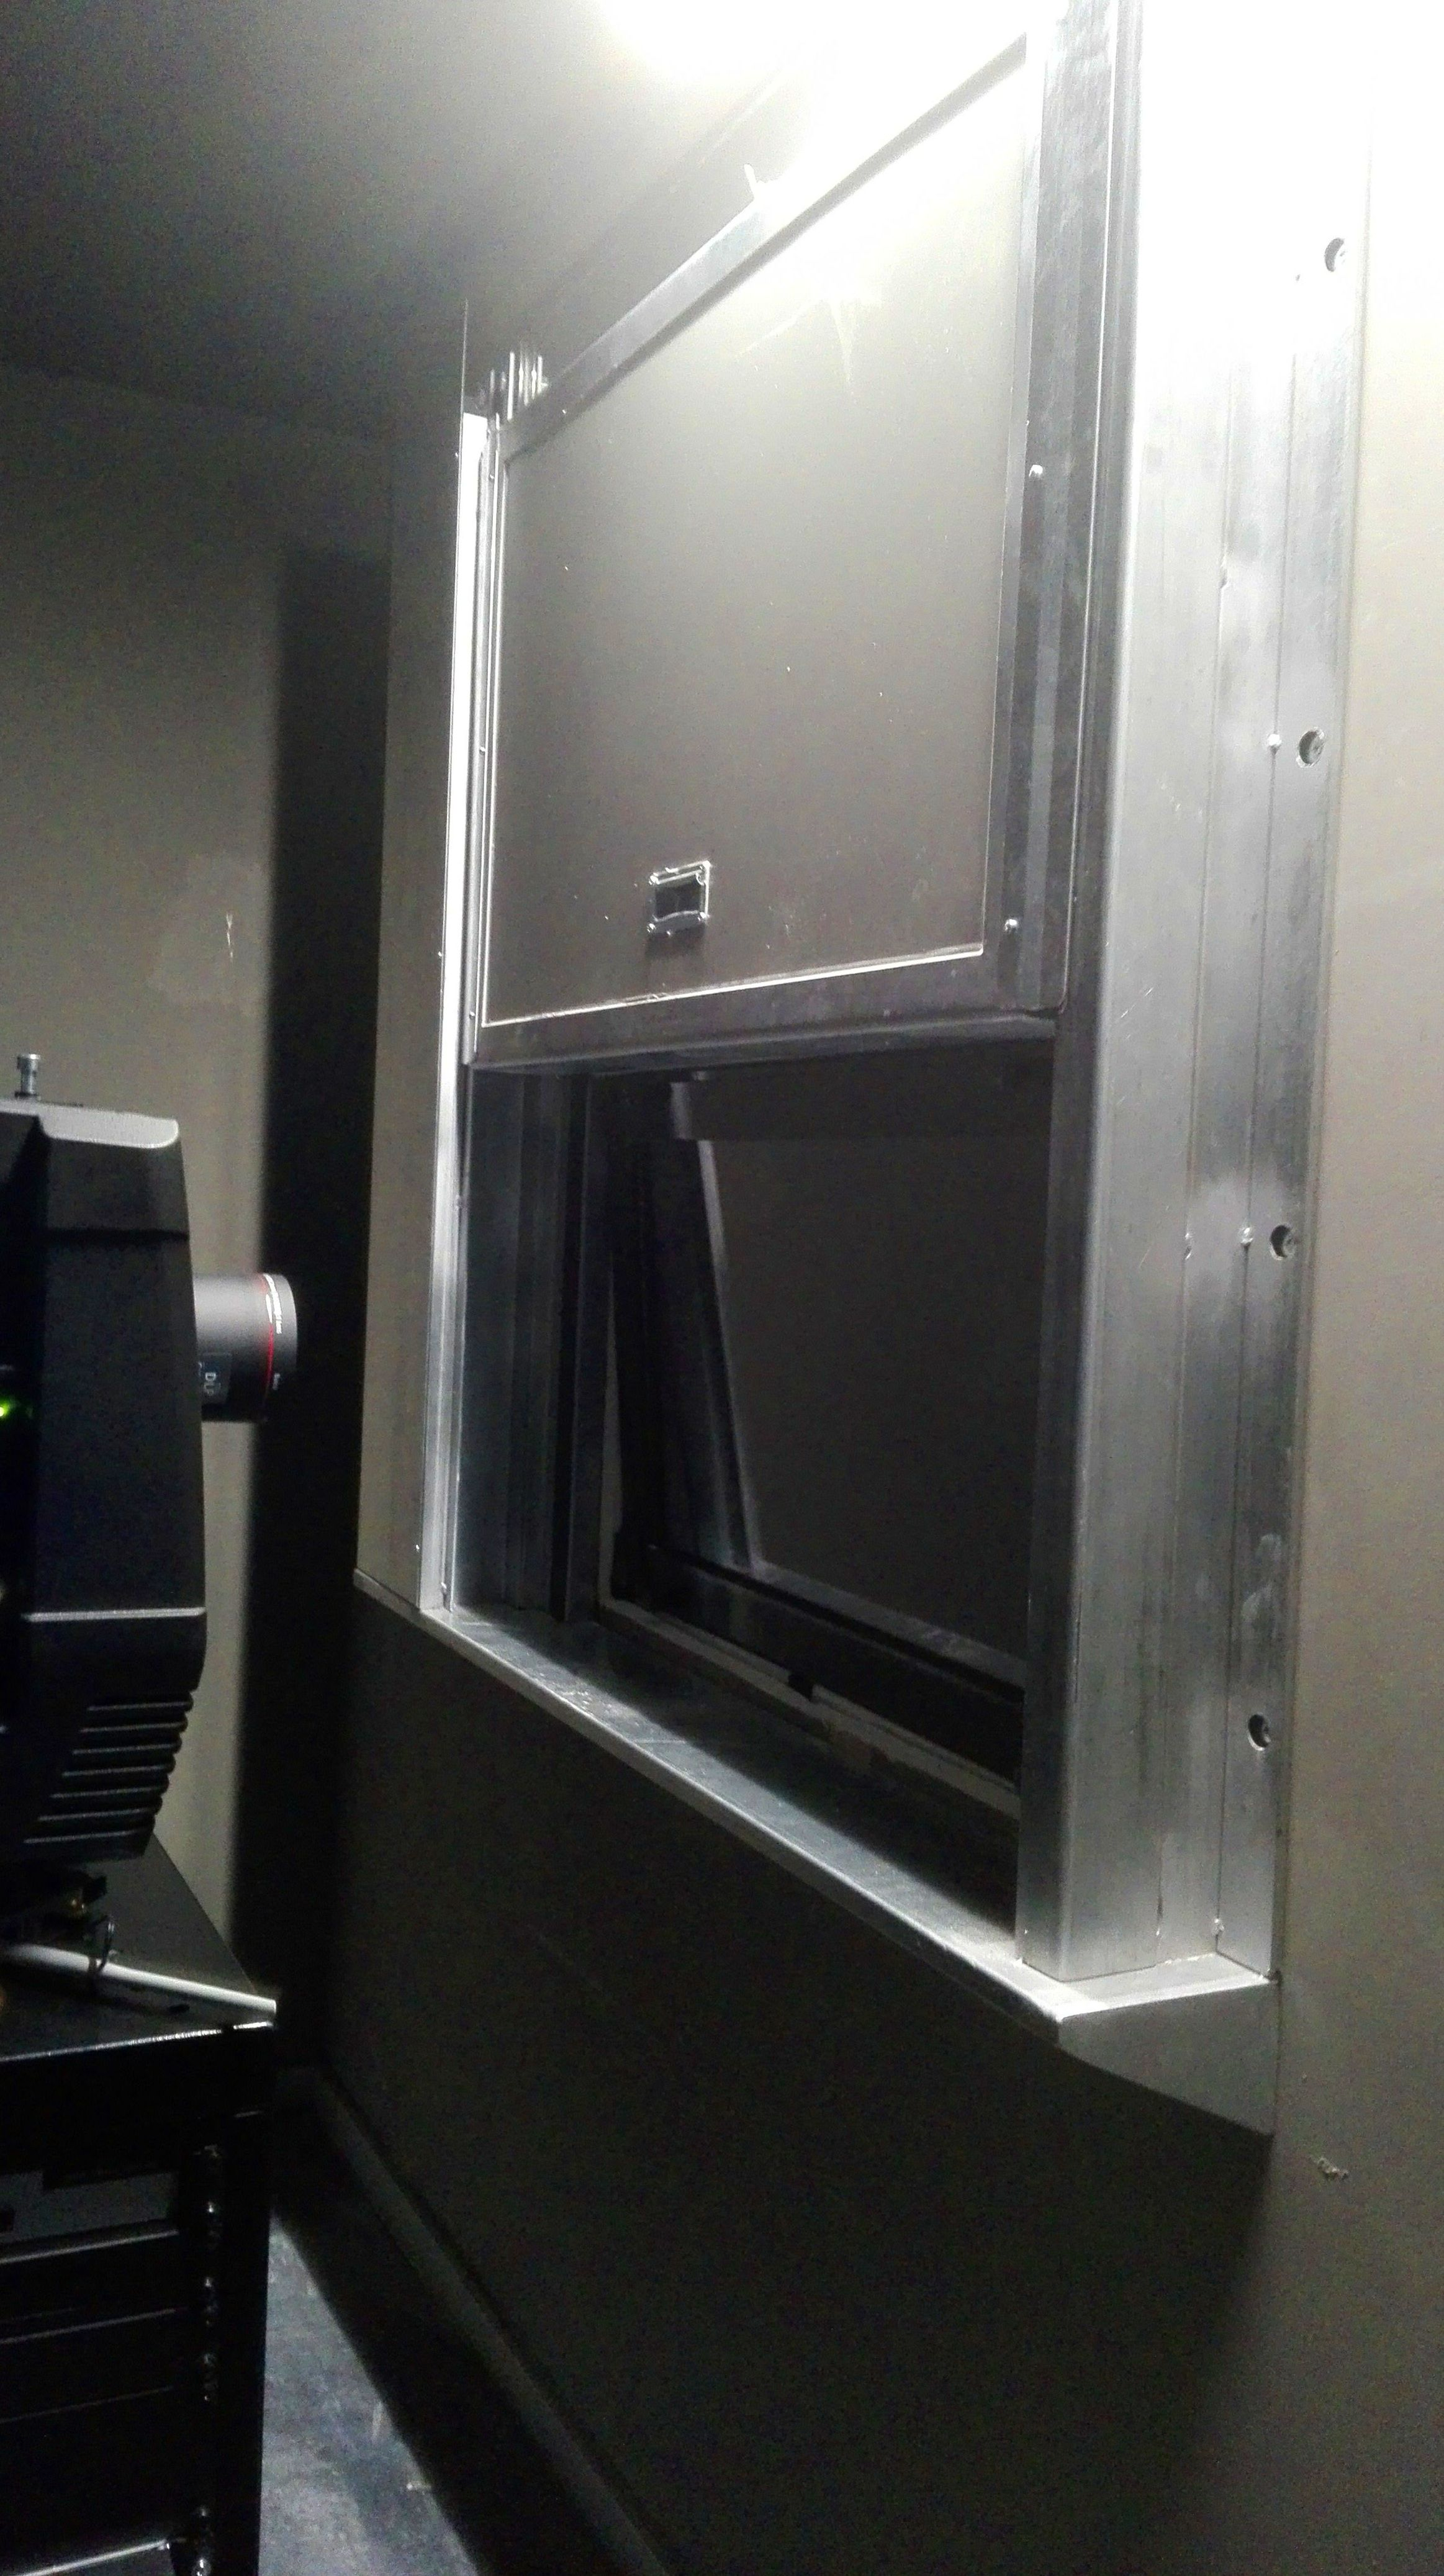 Ventana de guillotina cortafuegos sala reproductor de cine, sistema de cierre por fusible térmico